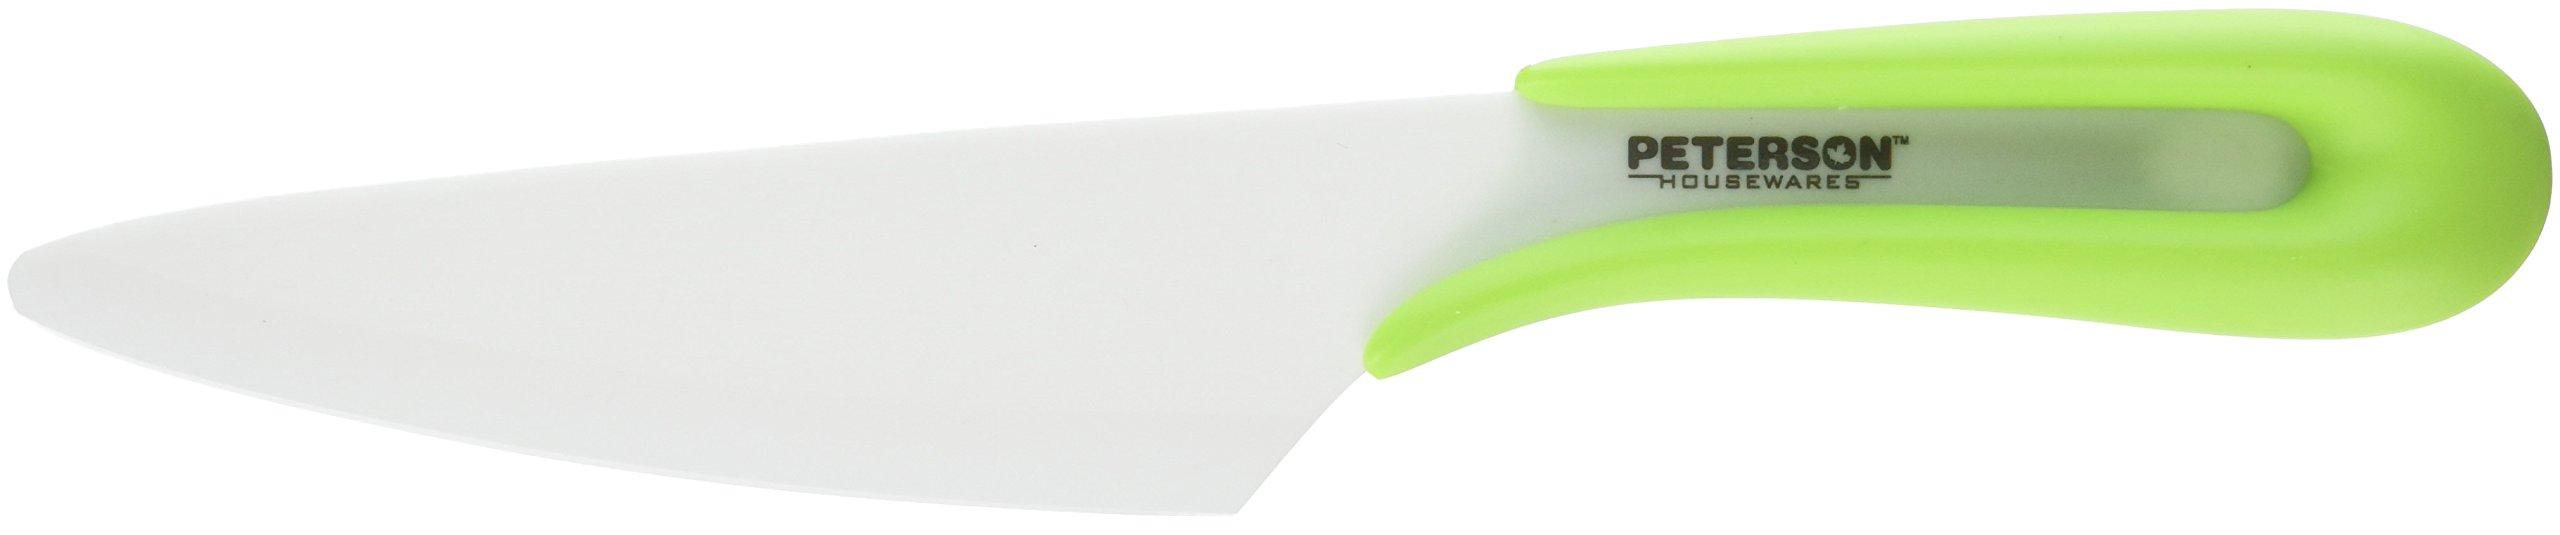 5'' Ceramic Knife Color: Green